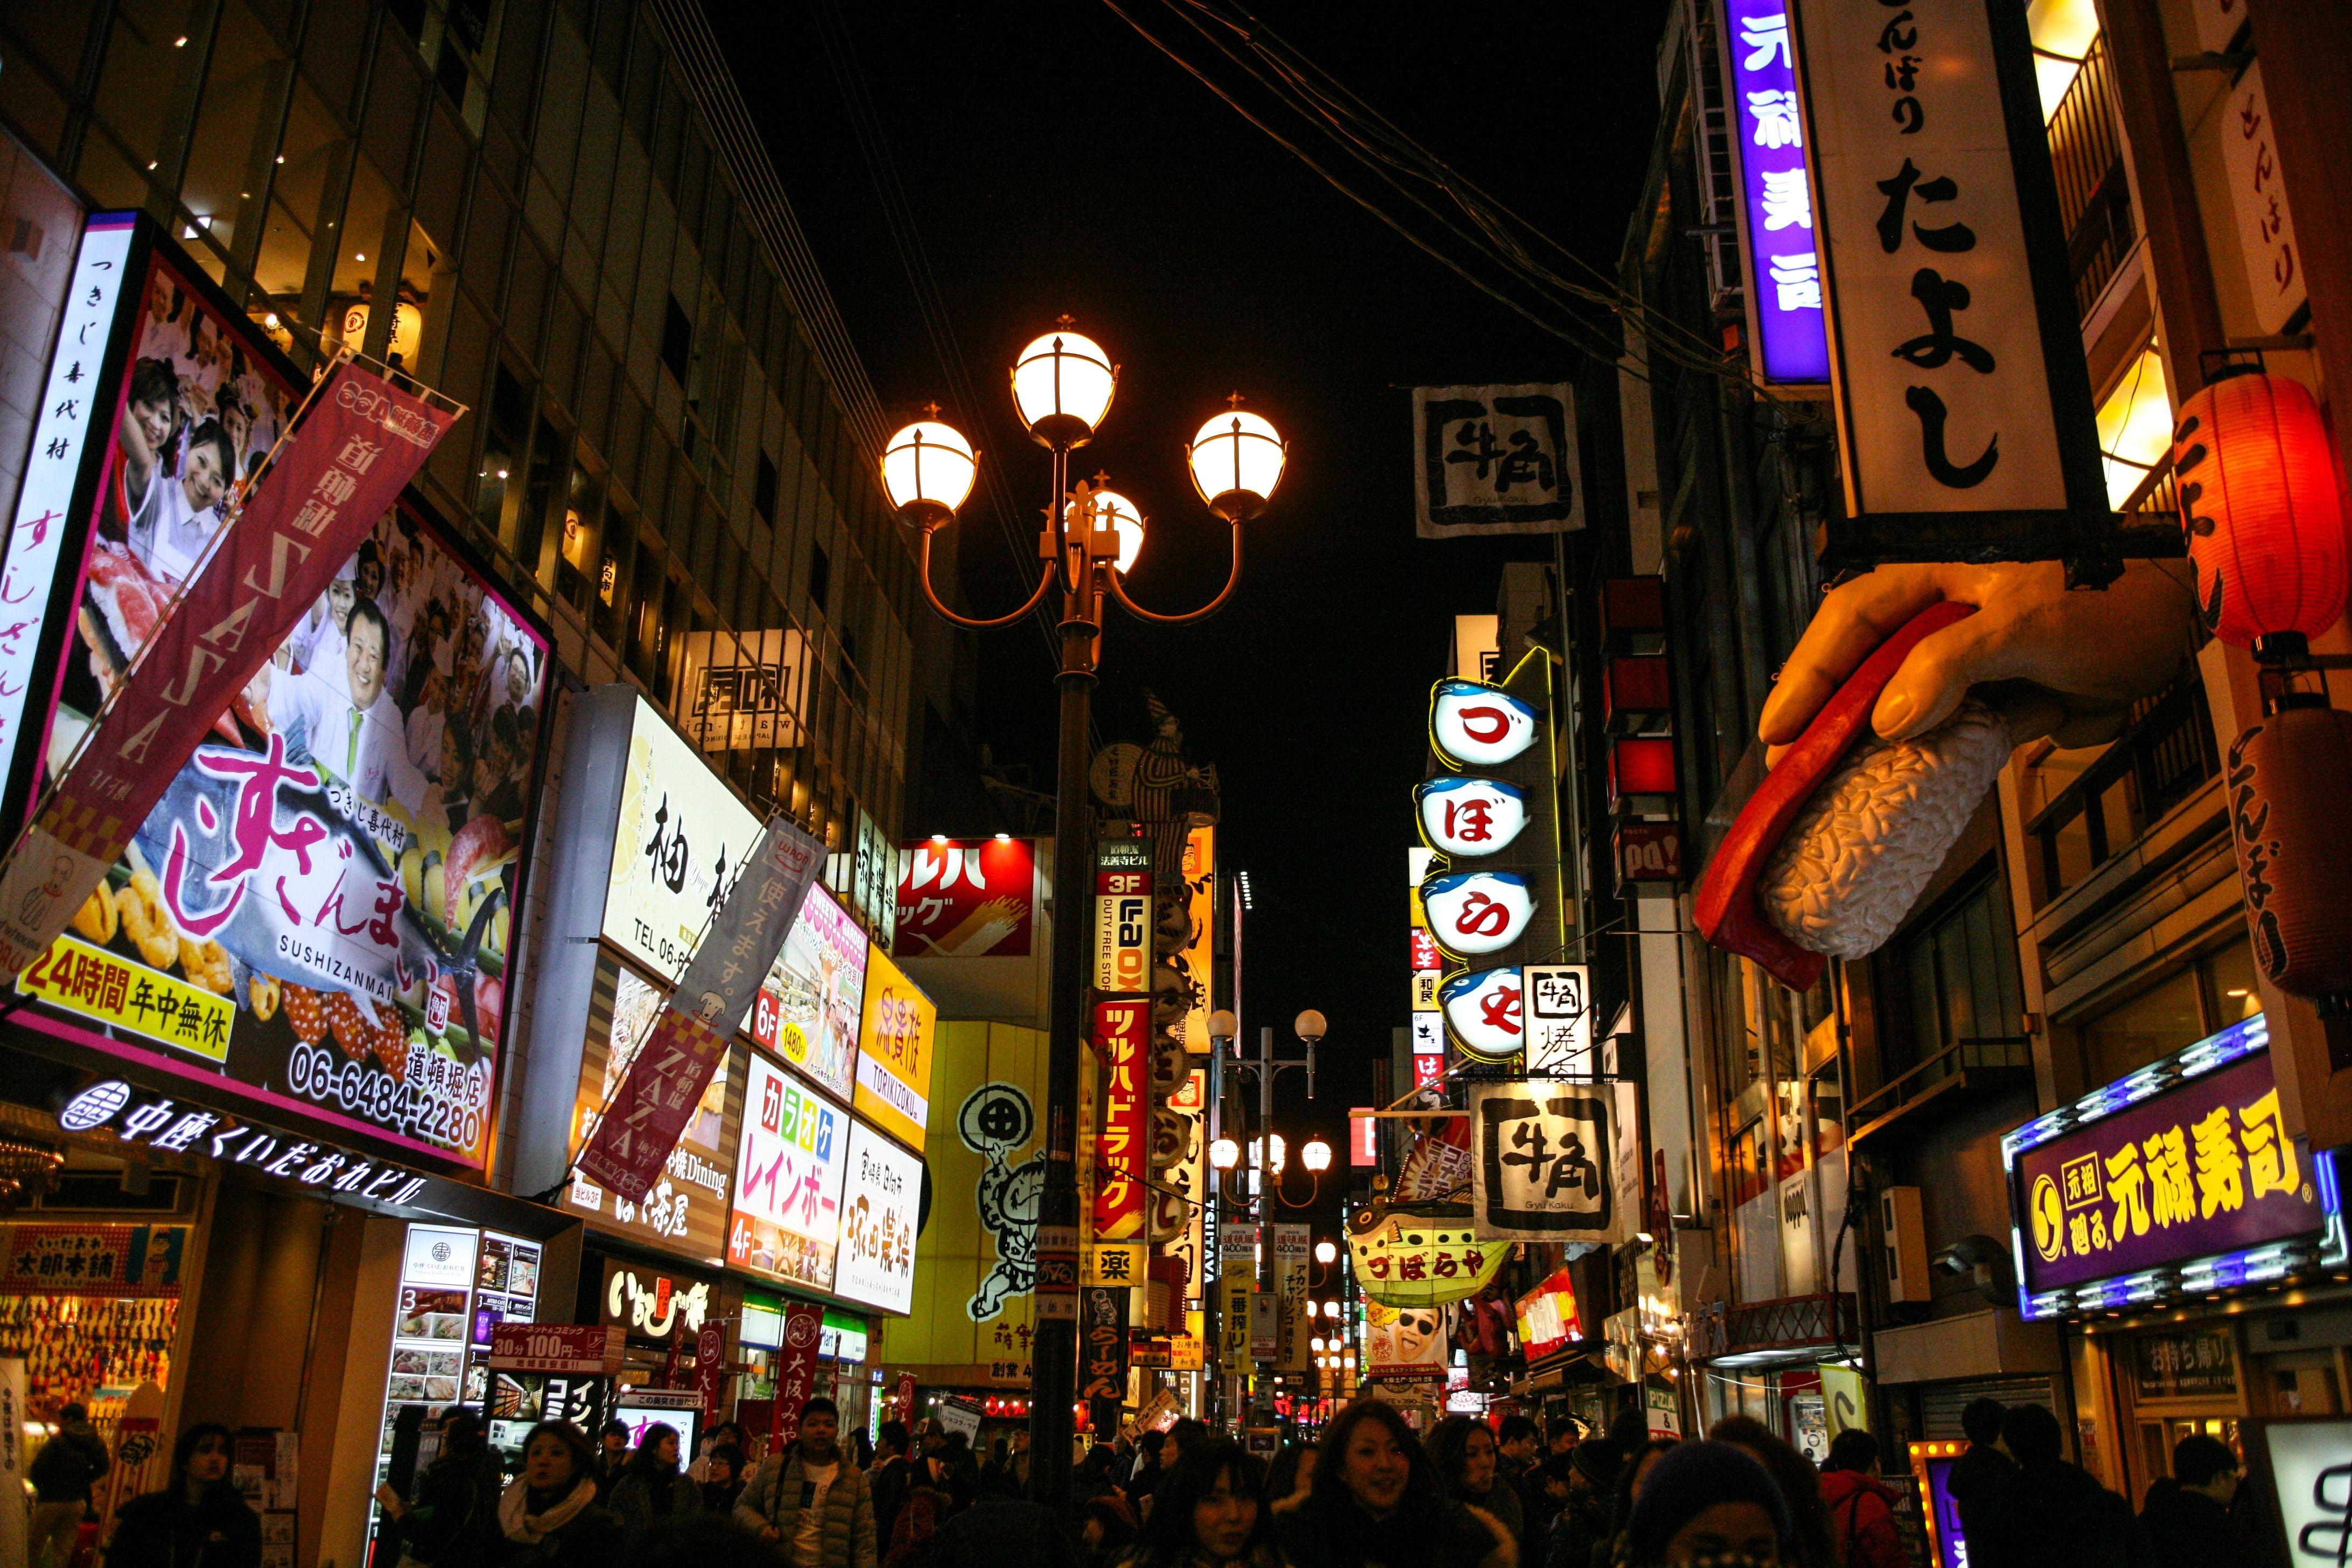 Tokyo va hanh trinh kham pha nhip song thuong ngay o Nhat Ban hinh anh 63